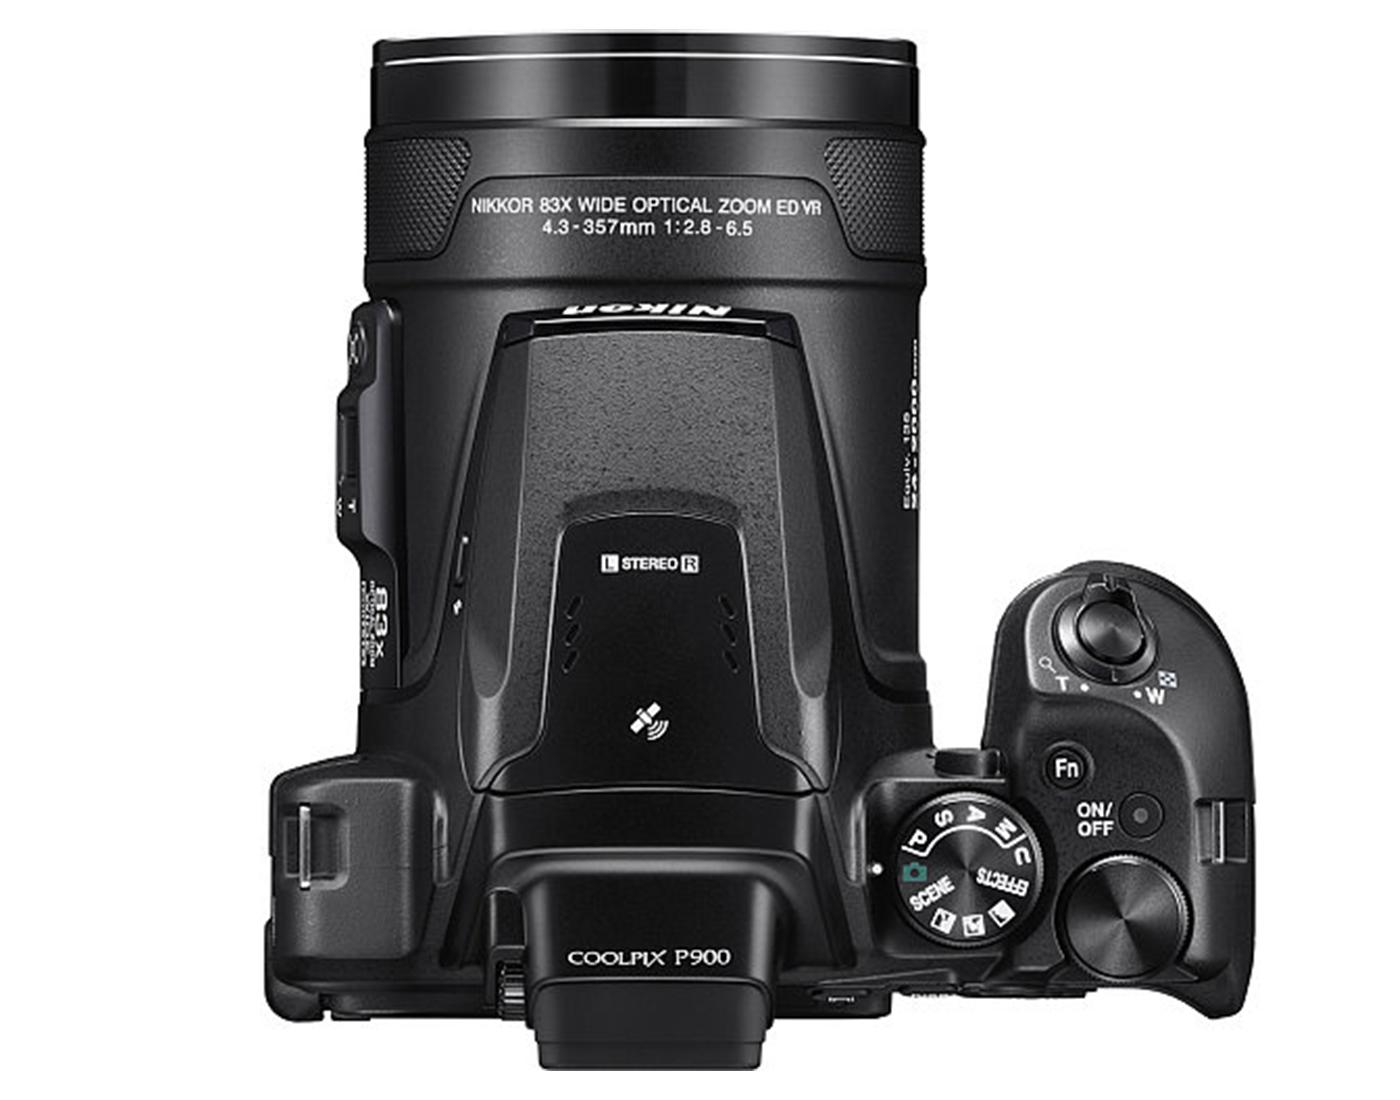 Nikon Coolpix P900 Top Cameraplex